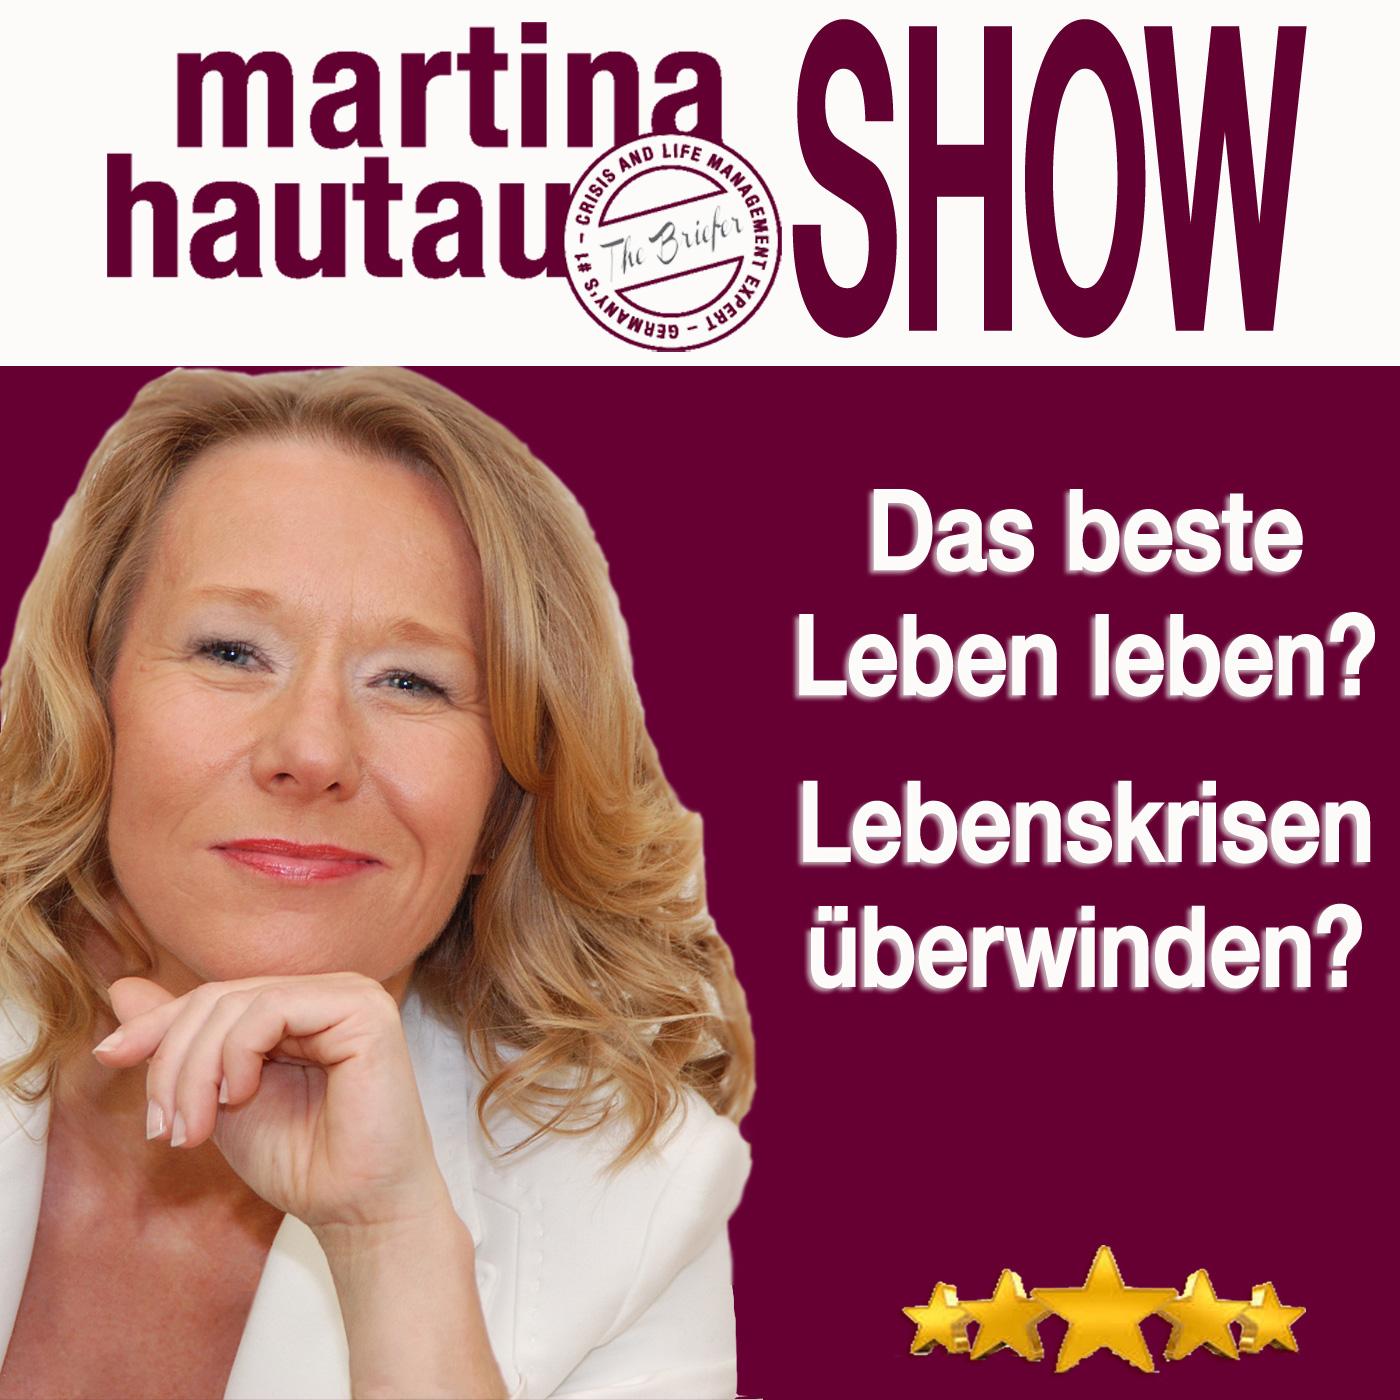 Martina Hautau Show | UpgradeYourLIFE – Erfolg, Selbstmanagement, Führung, Kommunikation, Persönlichkeitsentwicklung show art